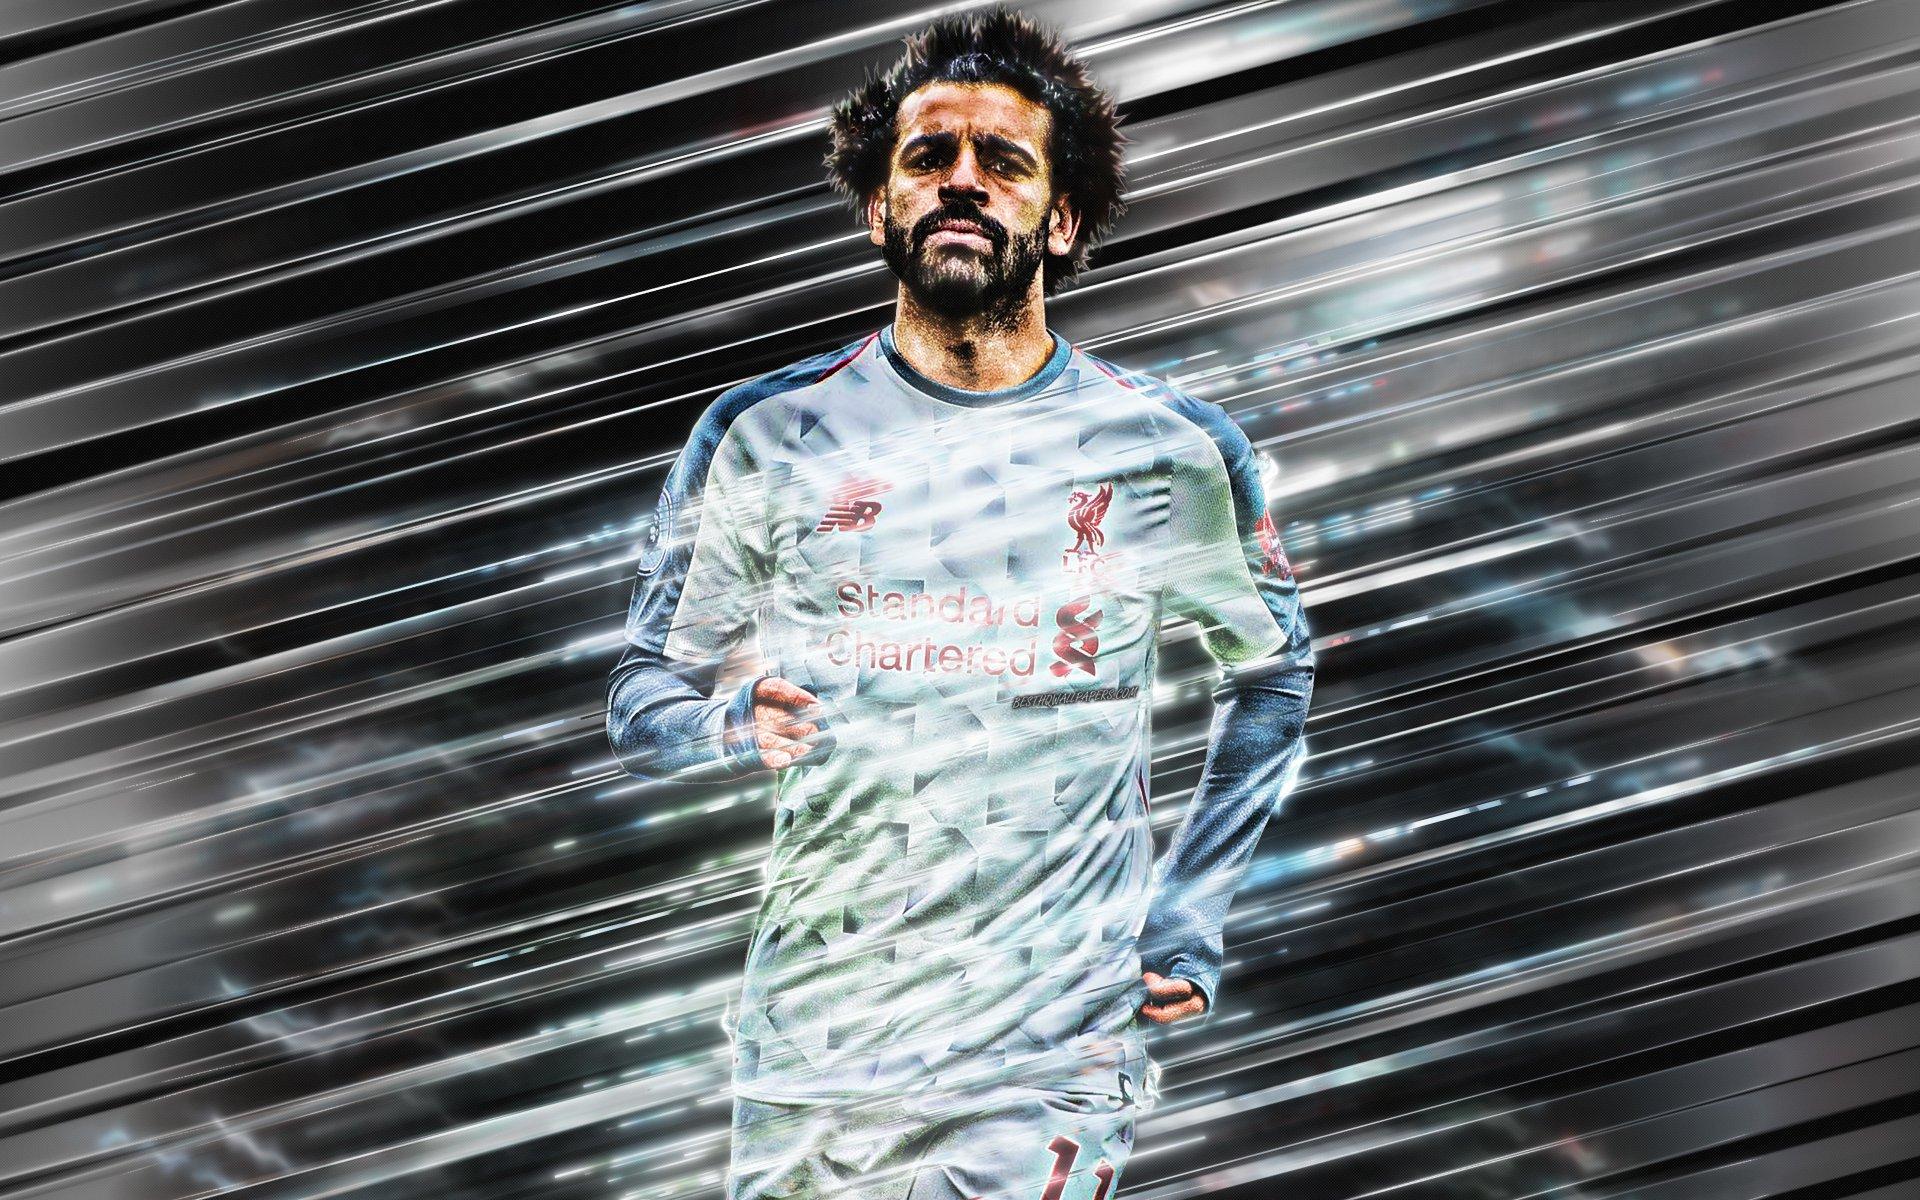 Mohamed Salah 4k Ultra HD Wallpaper